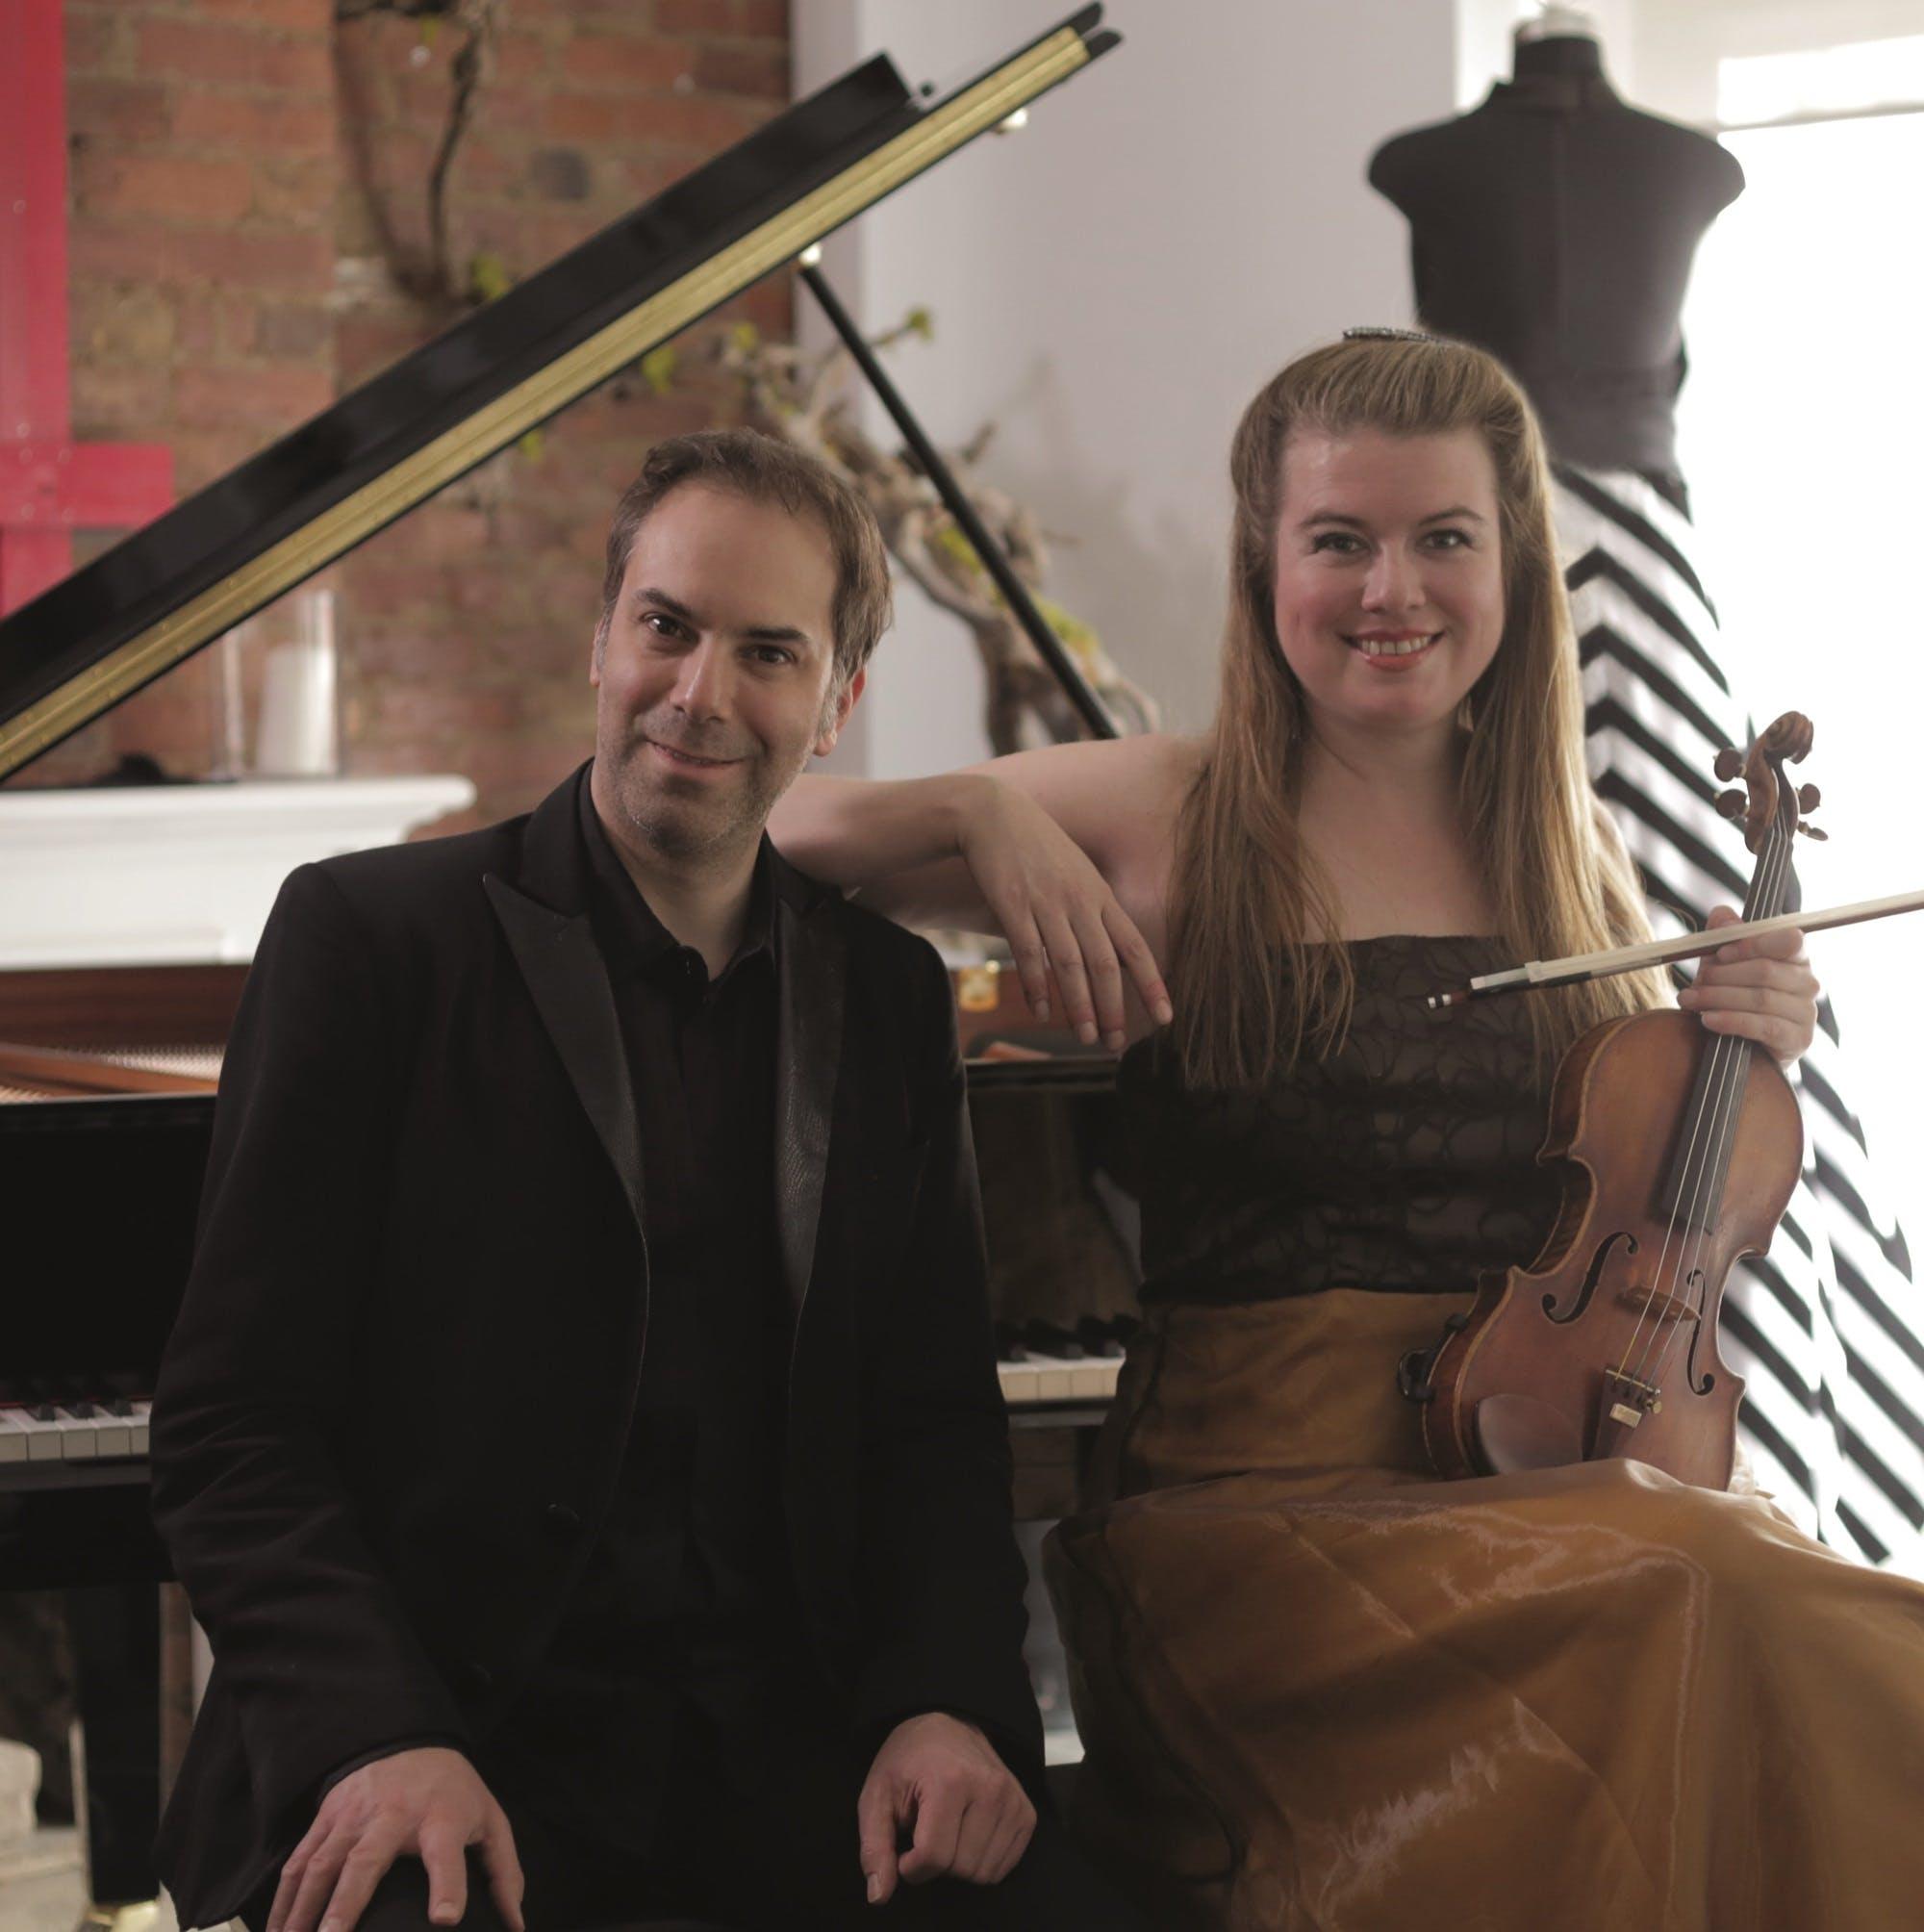 Lara St. John, Violin; Matt Herskowitz, Piano at Brooklyn Central Public Library